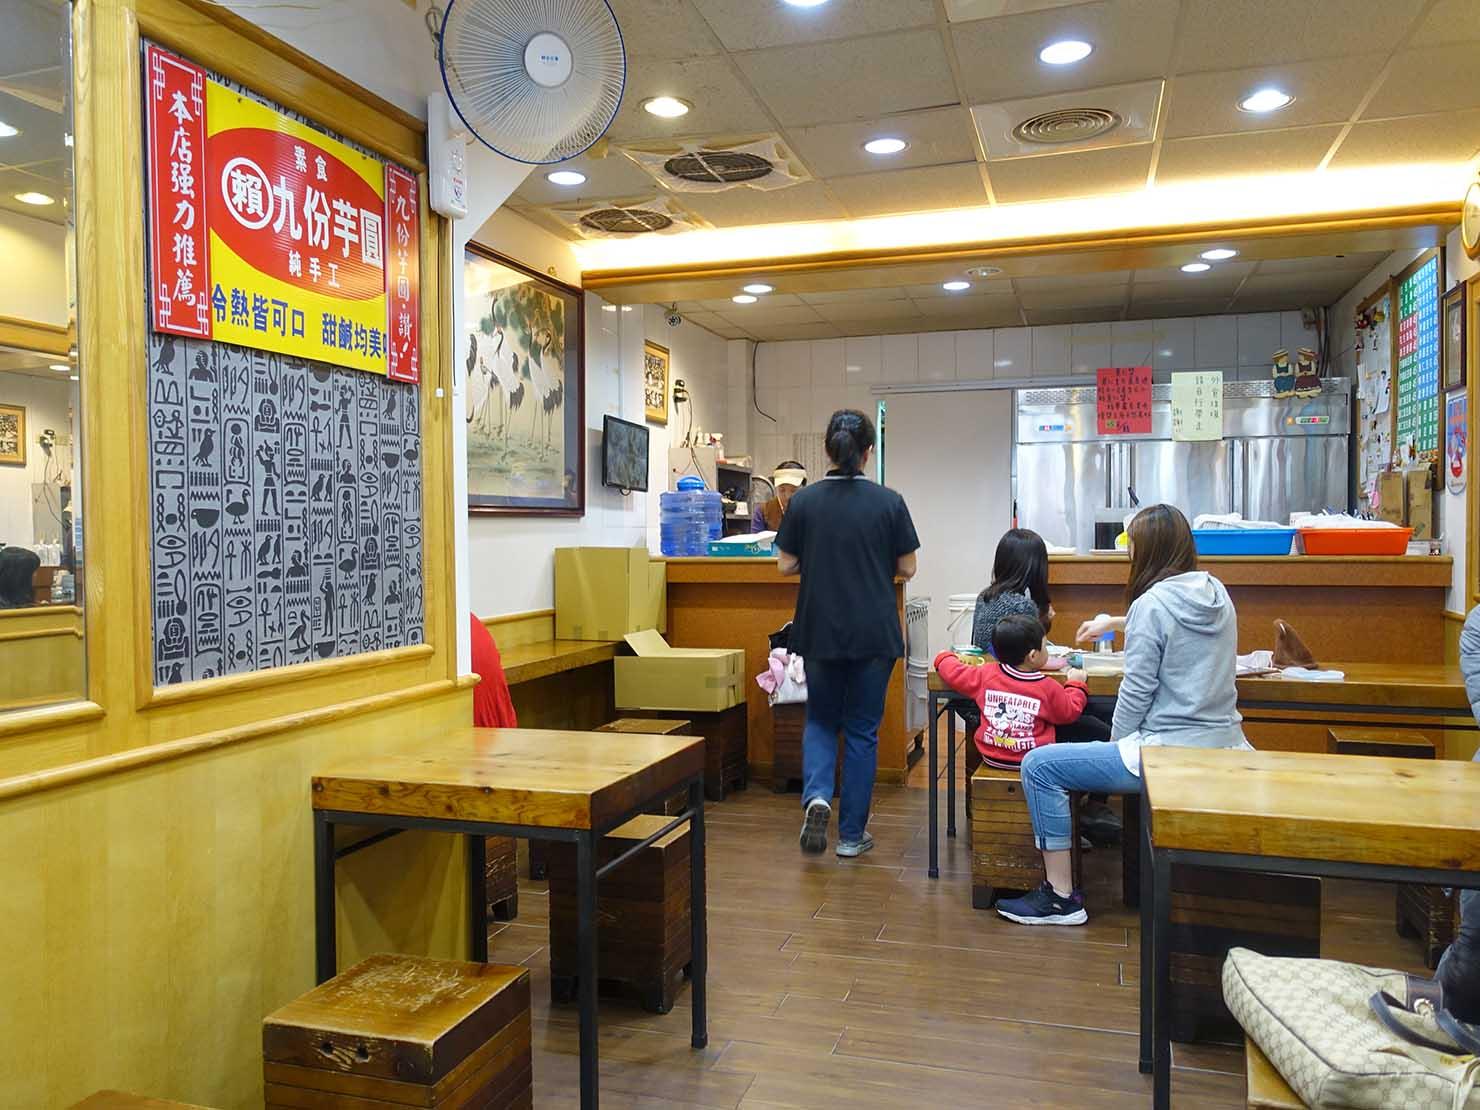 台北・中正紀念堂のおすすめグルメ店「豆味行」の店内